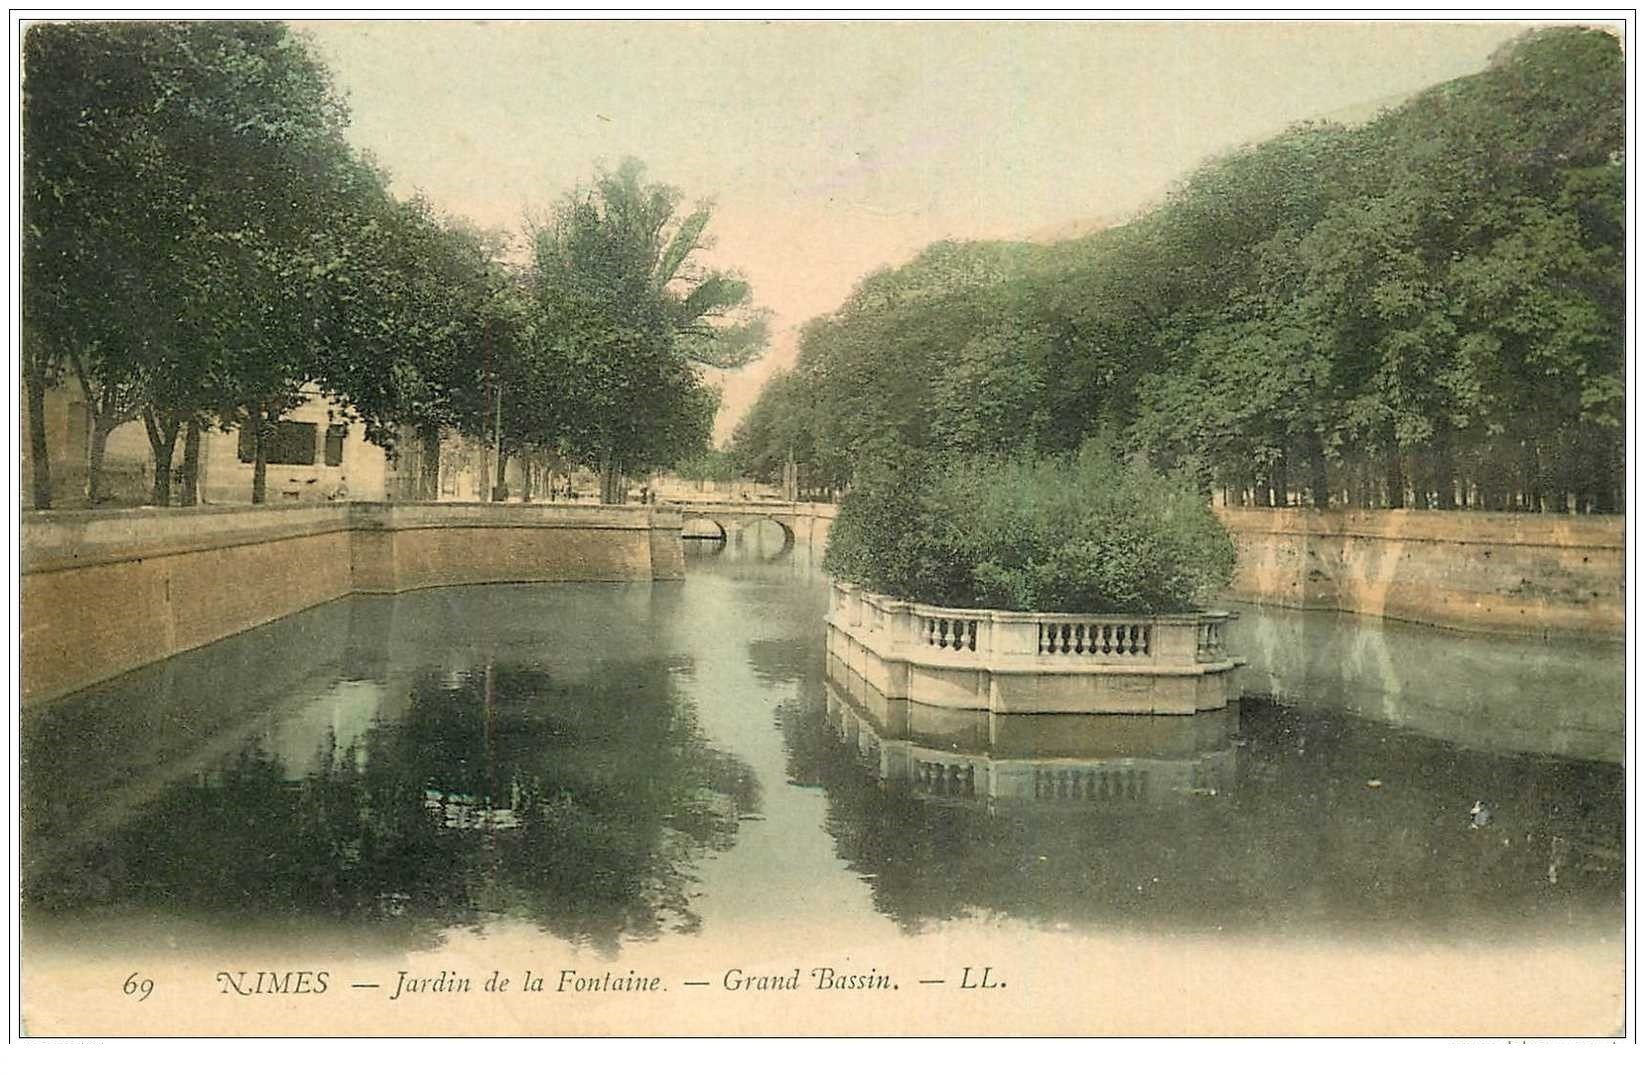 30 nimes jardin de la fontaine grand bassin 1904 - Grand bassin de jardin ...